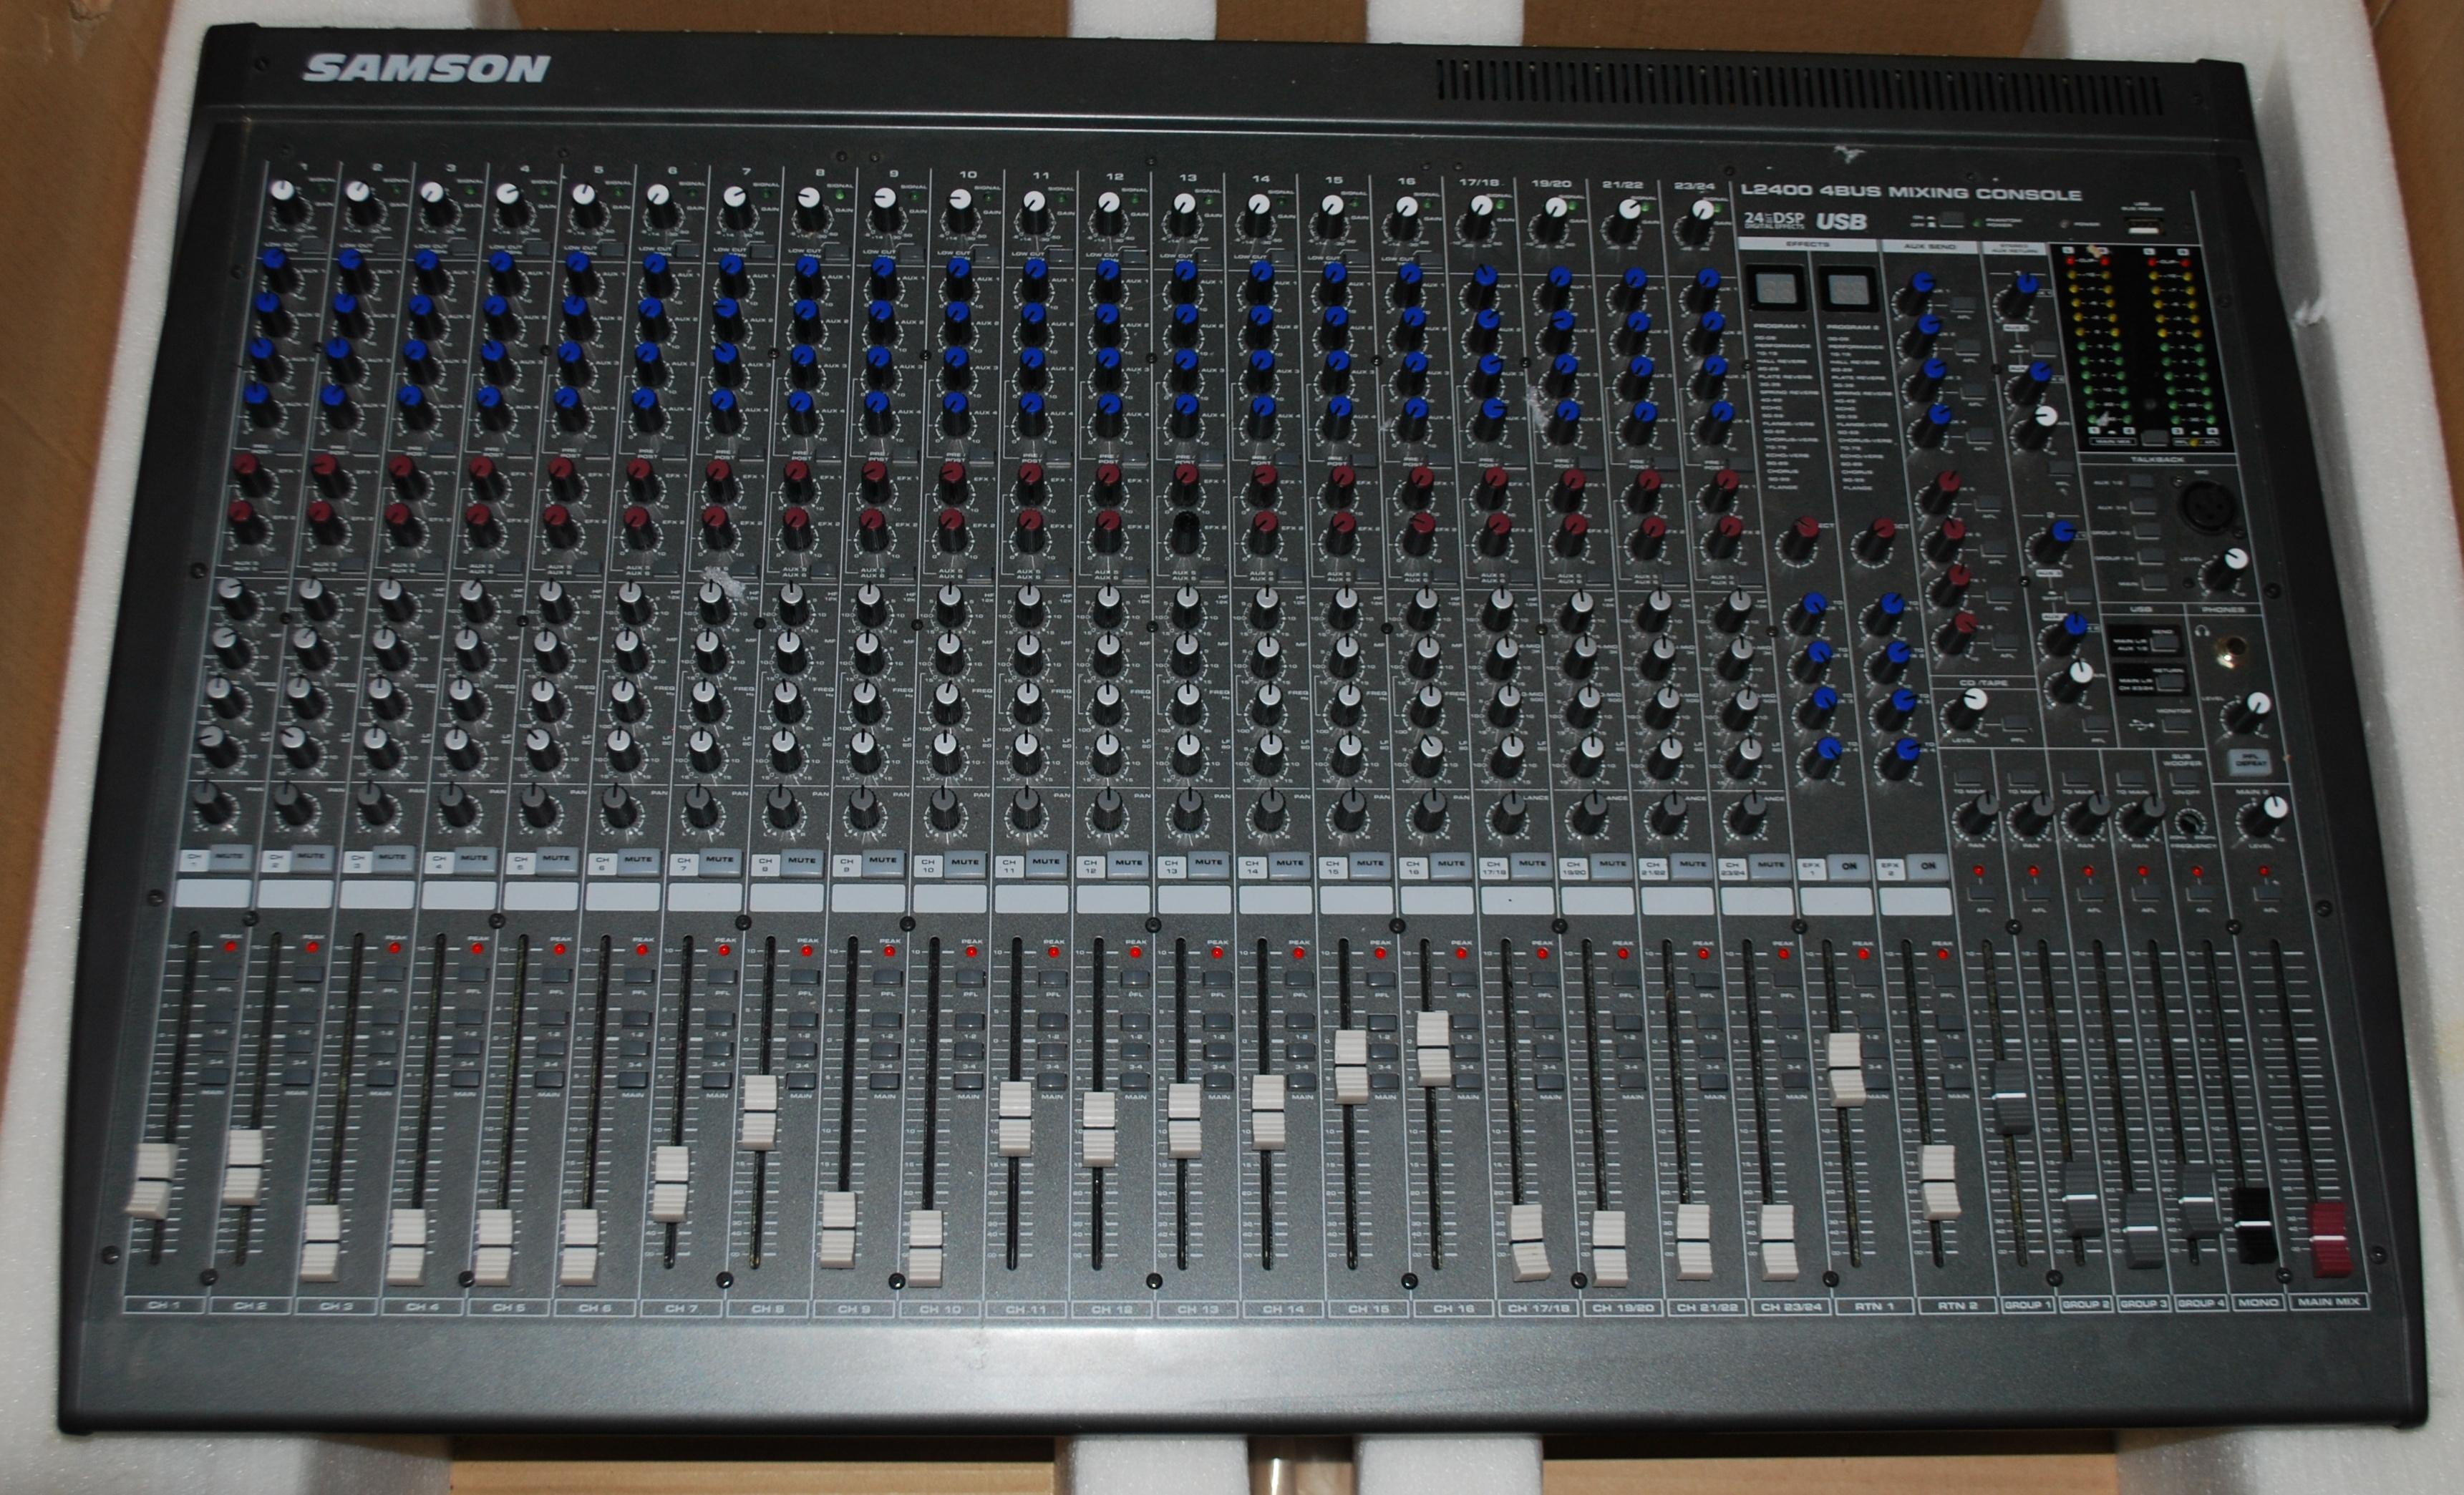 Table de mixage samson l2400 auvergne audiofanzine - Table de mixage en ligne gratuit ...